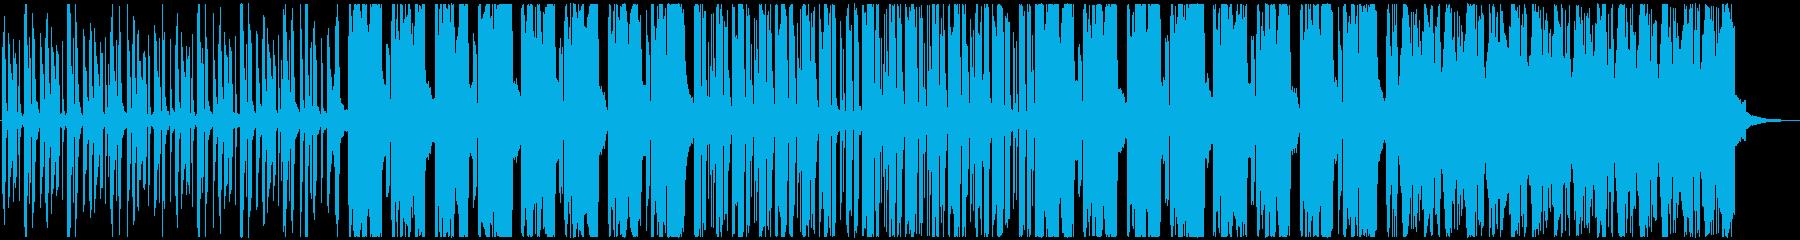 ショッピングモールで流れてそうなBGMの再生済みの波形